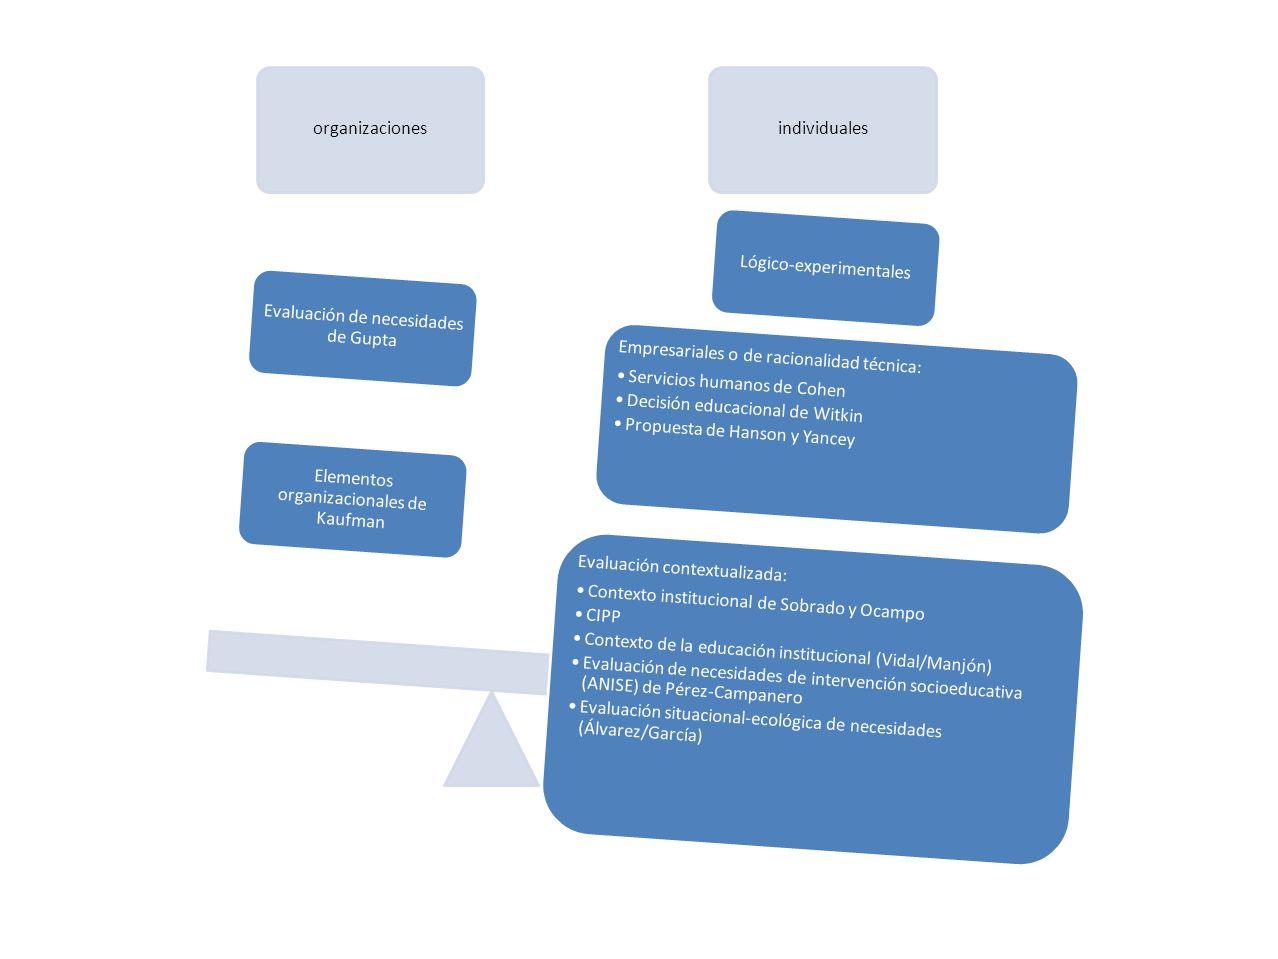 Elementos organizacionales de Kaufman